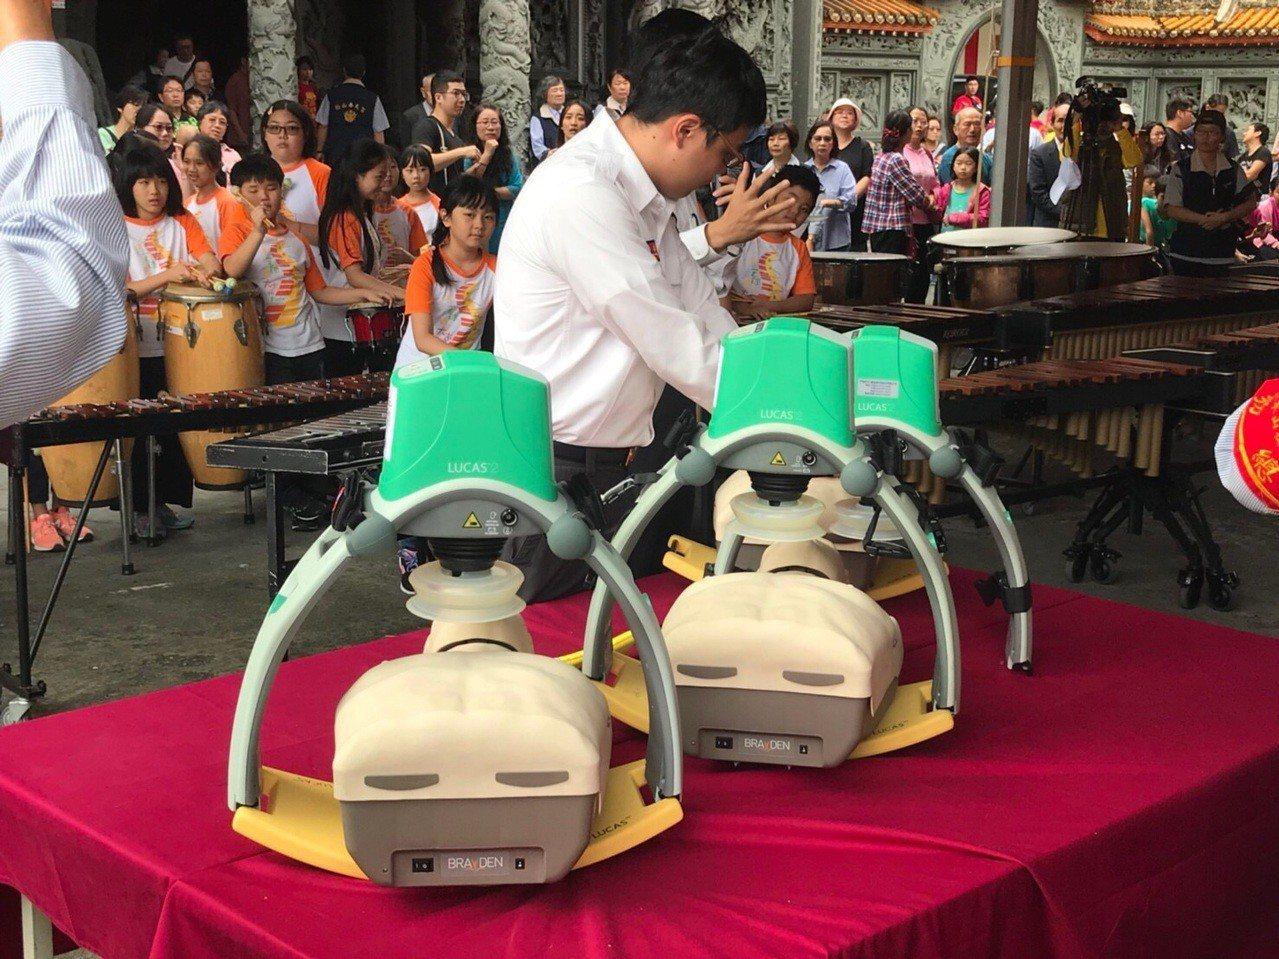 台北松山奉天宮慶祝建廟65周年,捐贈3組自動心肺復甦機。圖/北市消防局提供